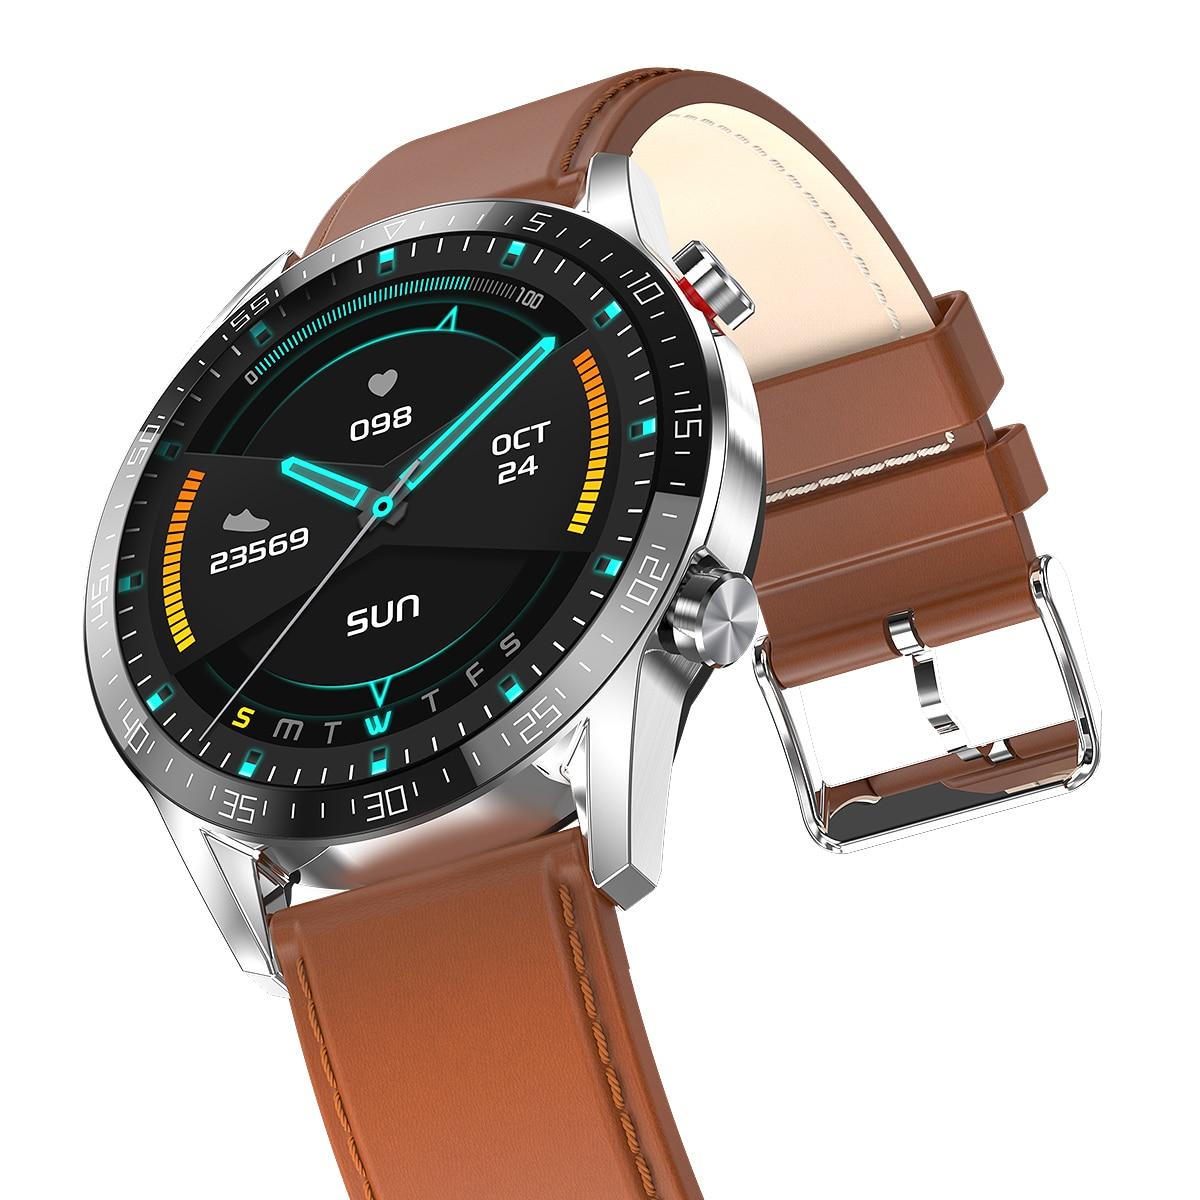 New Smart Watch Men IP68 Bluetooth Call Blood Pressure Heart   -   1mrk.com